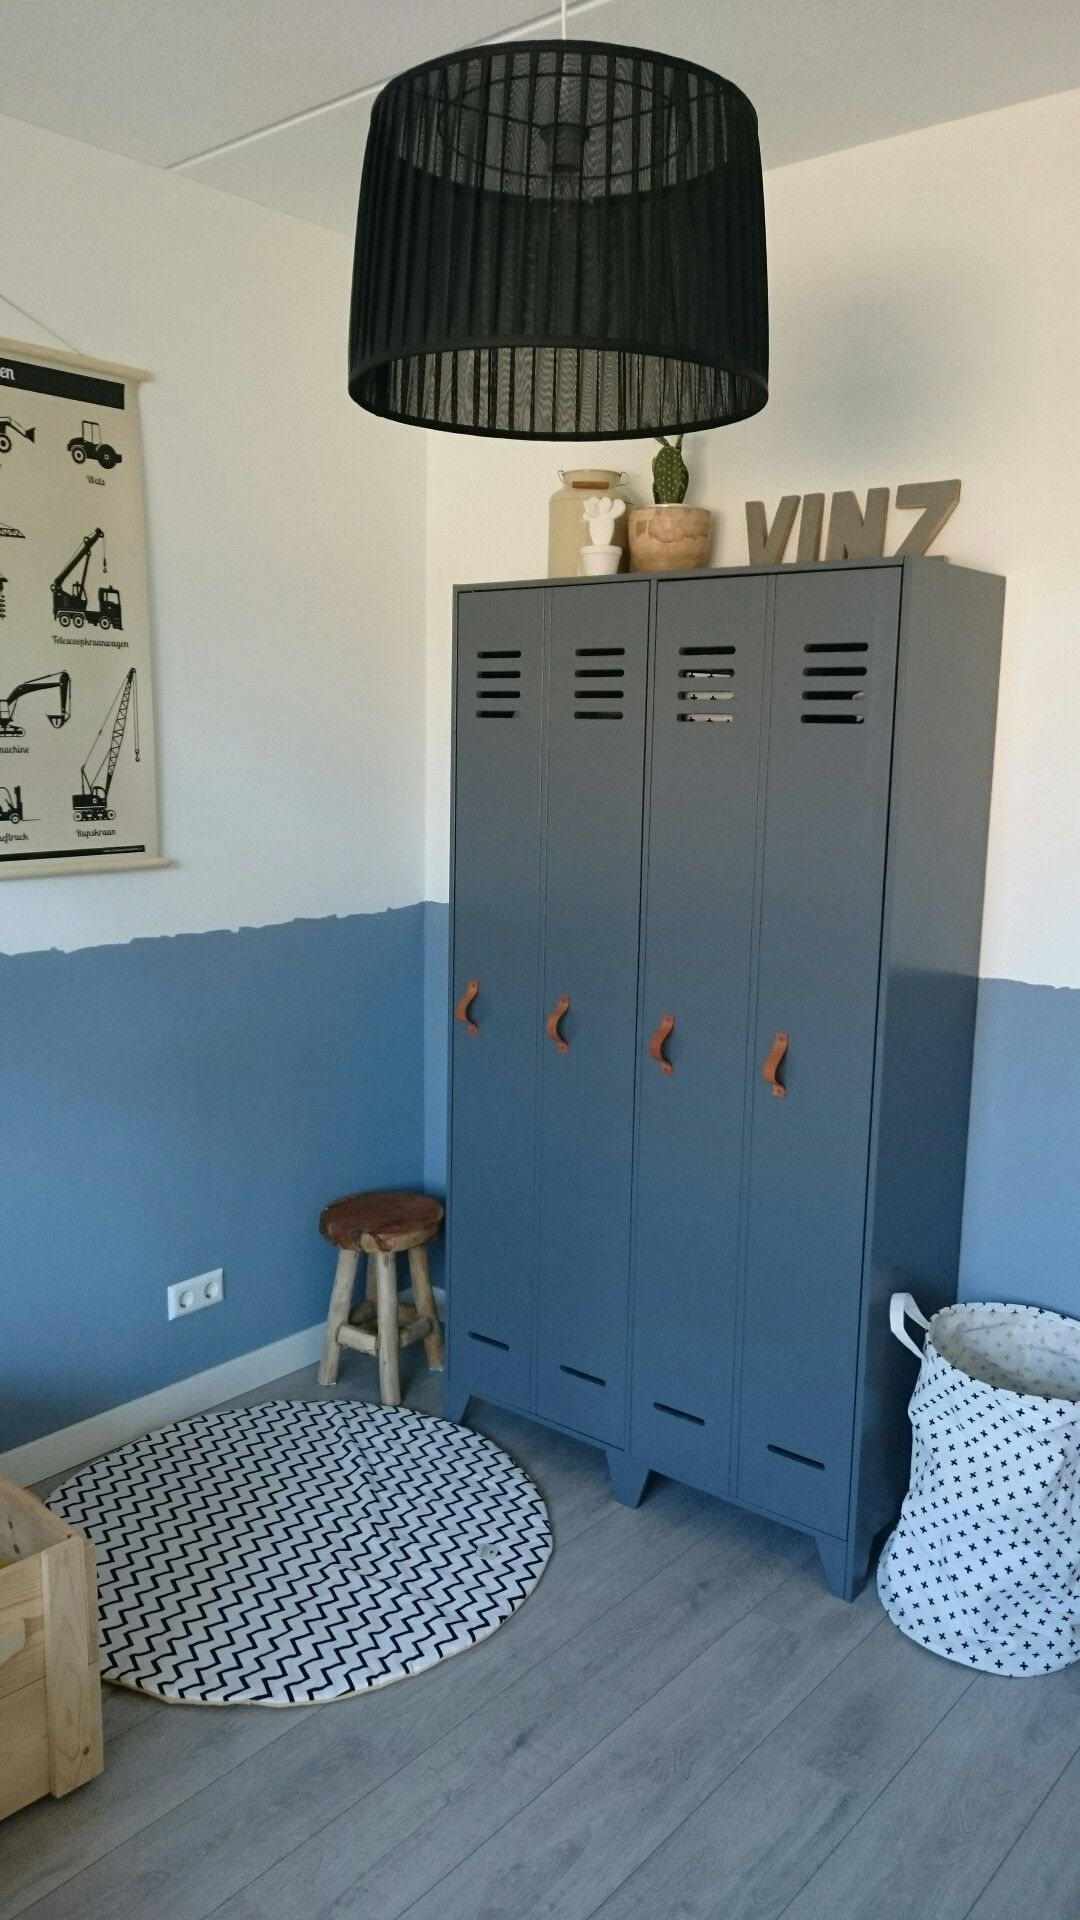 Kledingkast Van De Karwei Met Lederen Handgrepen Stijn In